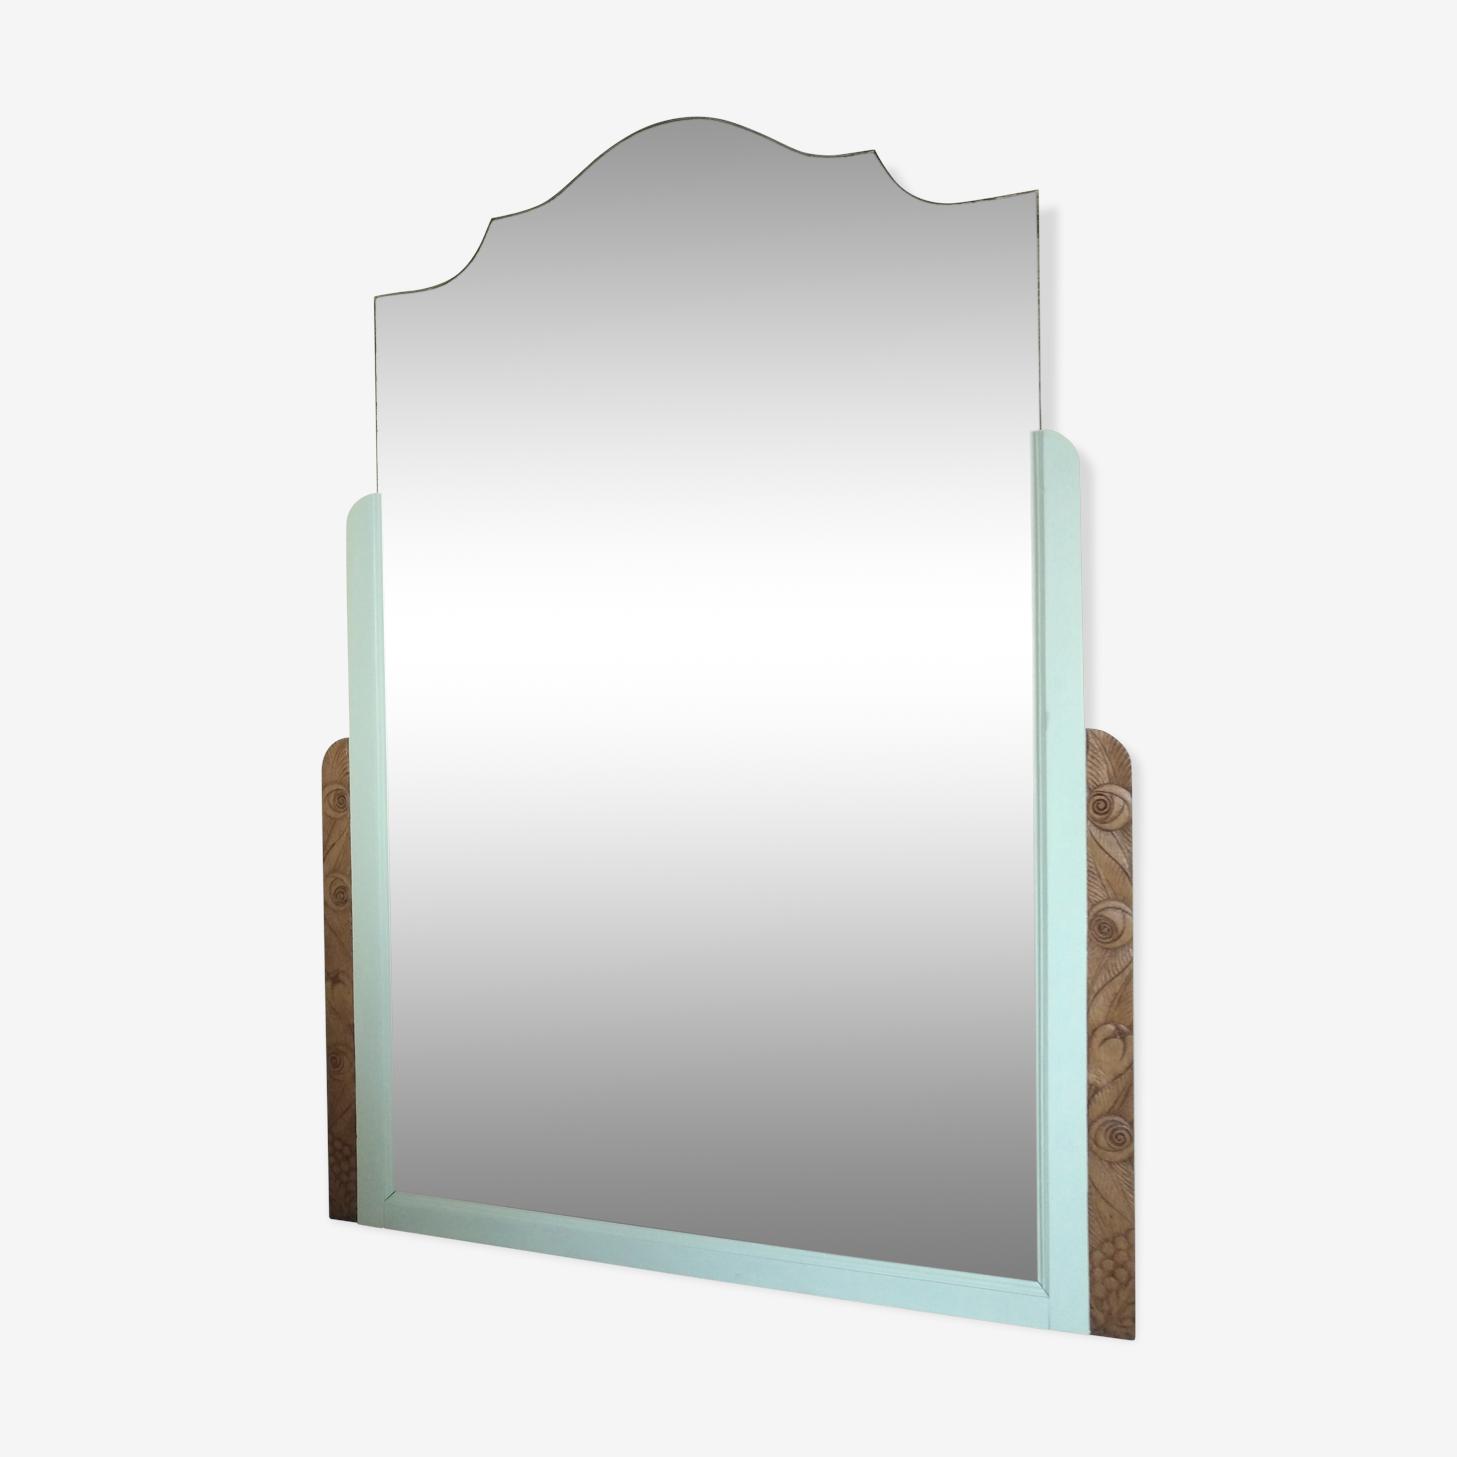 Miroir art déco revisité à poser ou accrocher